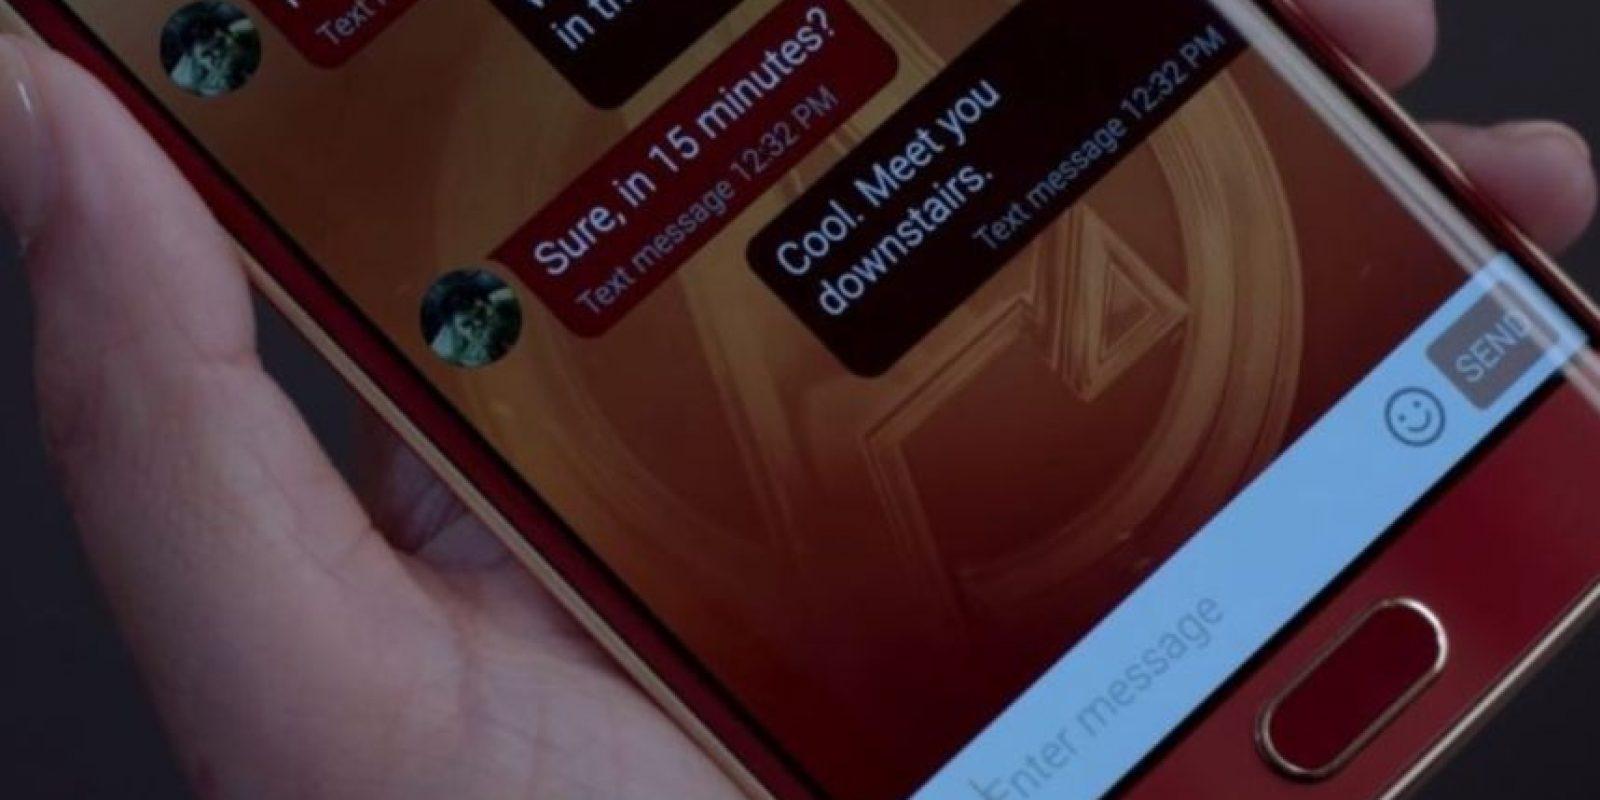 Cuenta con una pantalla AMOLED de 5.1 pulgadas. Foto:Samsung